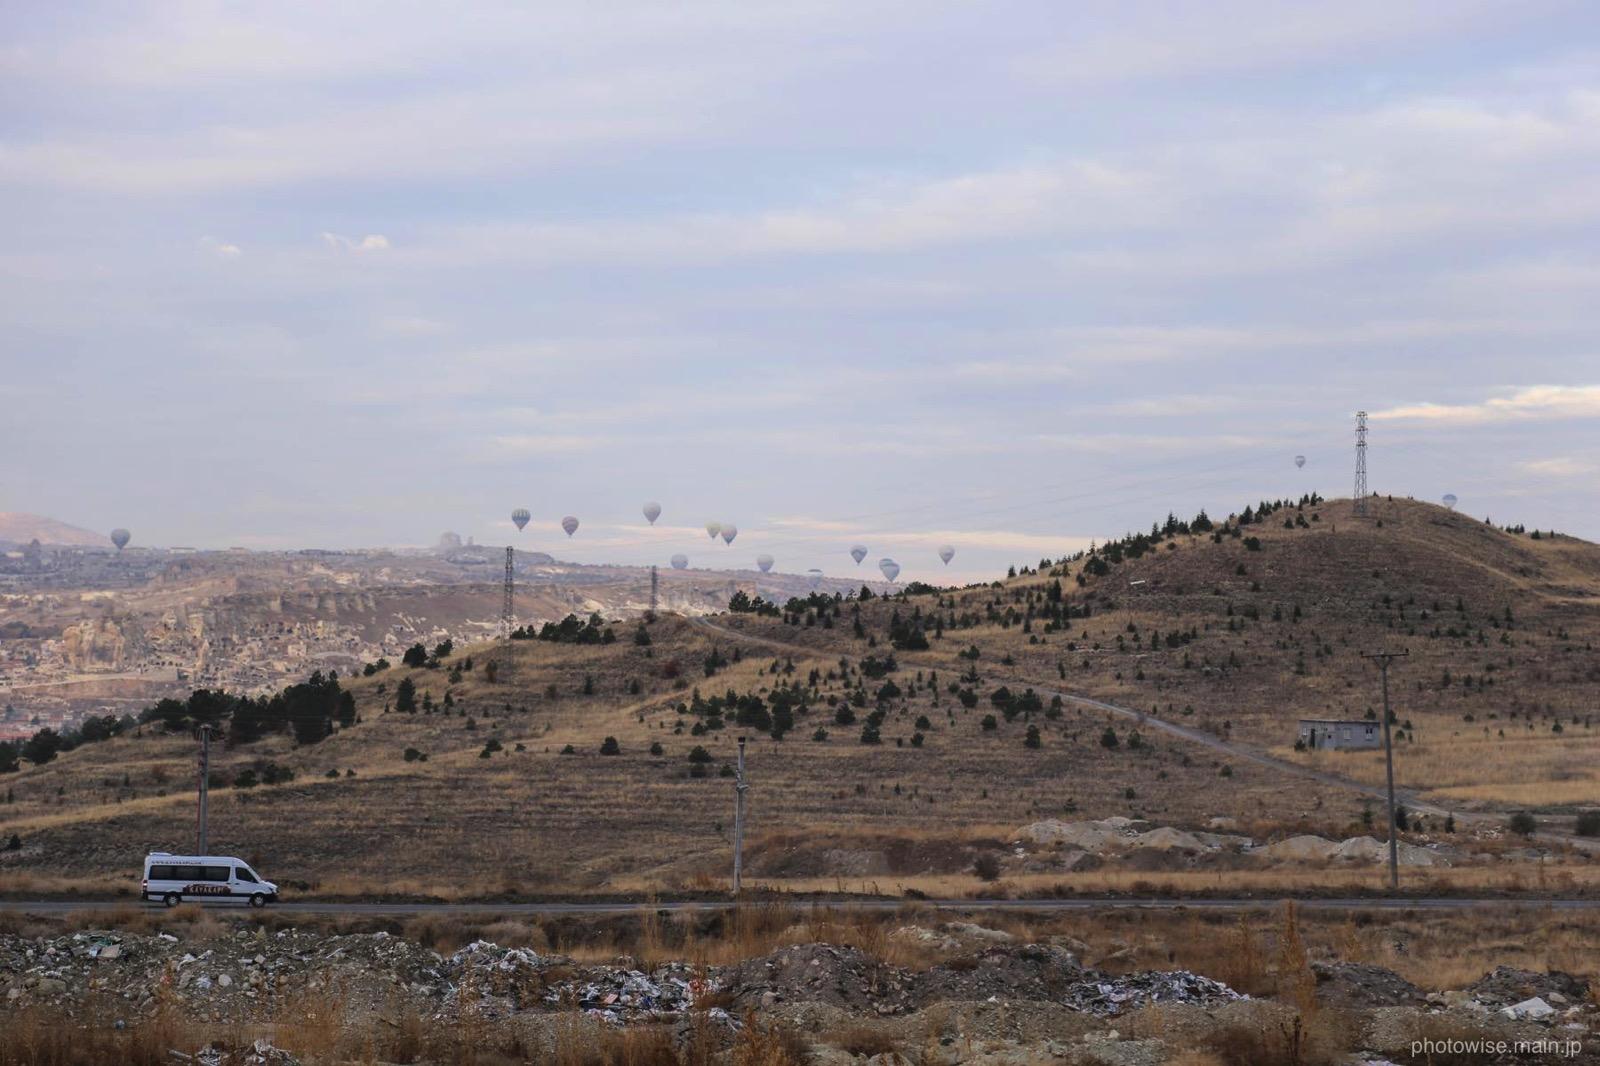 ウルギュップから見た気球